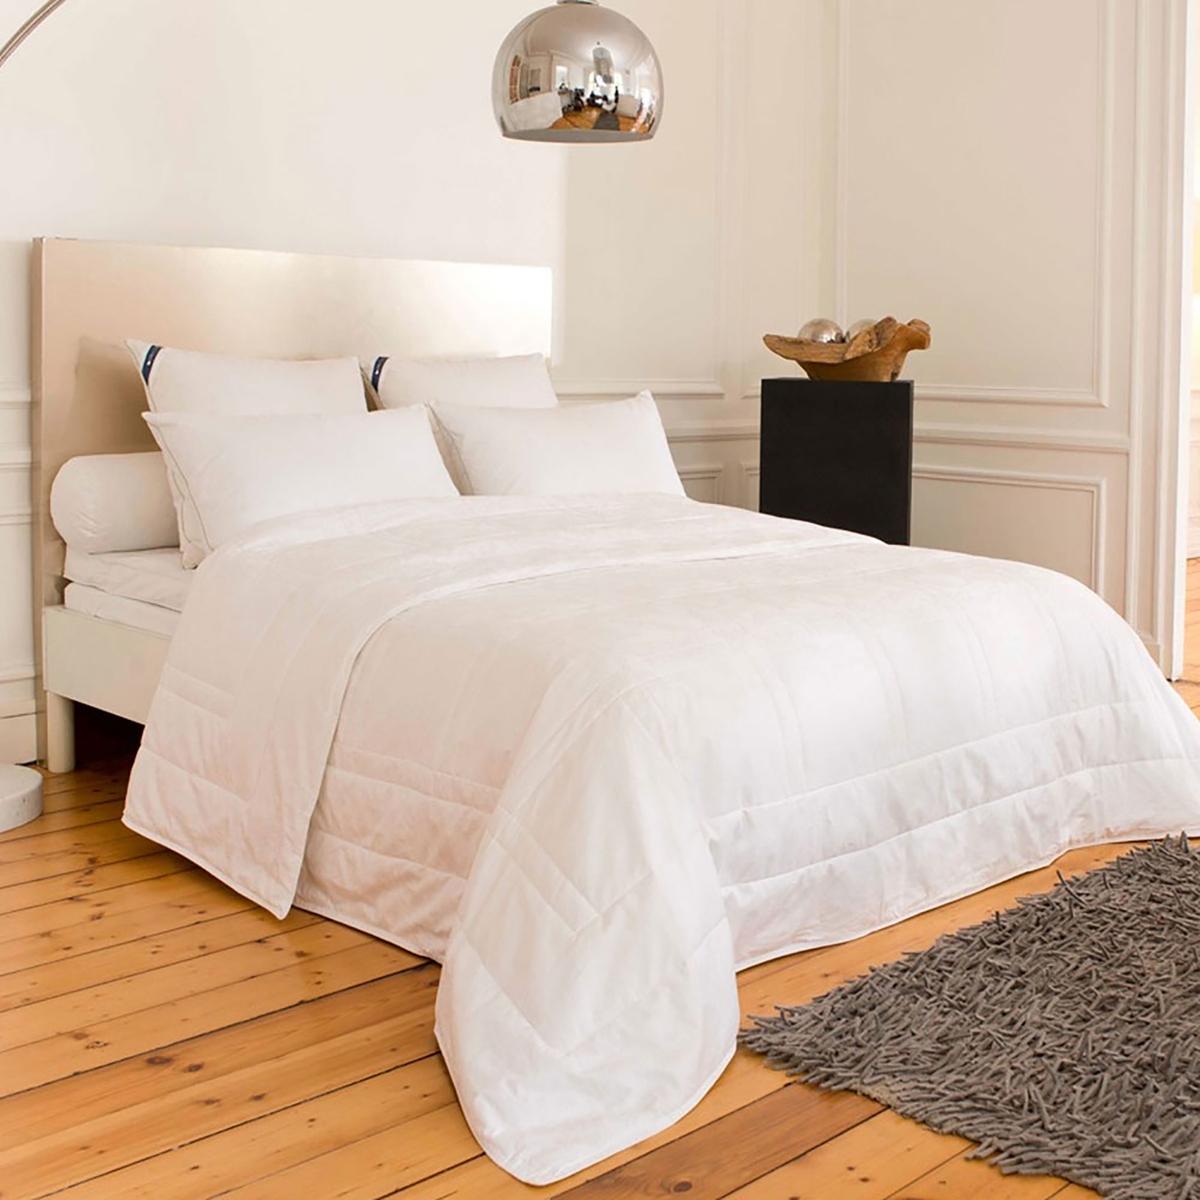 Одеяло шелковое « Bangkok» . Качественный натуральный шелк .Чехол : жаккард 115 нитей/см2 (однотонный рисунок) 100% хлопок,  мягкое и приятное на ощупь Наполнитель : натуральный шелковый кокон, 360 г/м2. Длинные шелковые волокна обеспечивают идеальную защиту от жары и холода . Используемый в качестве наполнителя шелковый кокон позволяет вашему телу дышать и контролирует изменение температуры во время вашего сна . Шелк обеспечит вам сладкий сон до самого пробуждения .Прострочка в клетку для хорошего распределения наполнителя по всей поверхности одеяла Отделка бейкой, усиленная двойная прострочка  . Сухая чистка Продается в чехле .<br><br>Цвет: белый<br>Размер: 240 x 220  см